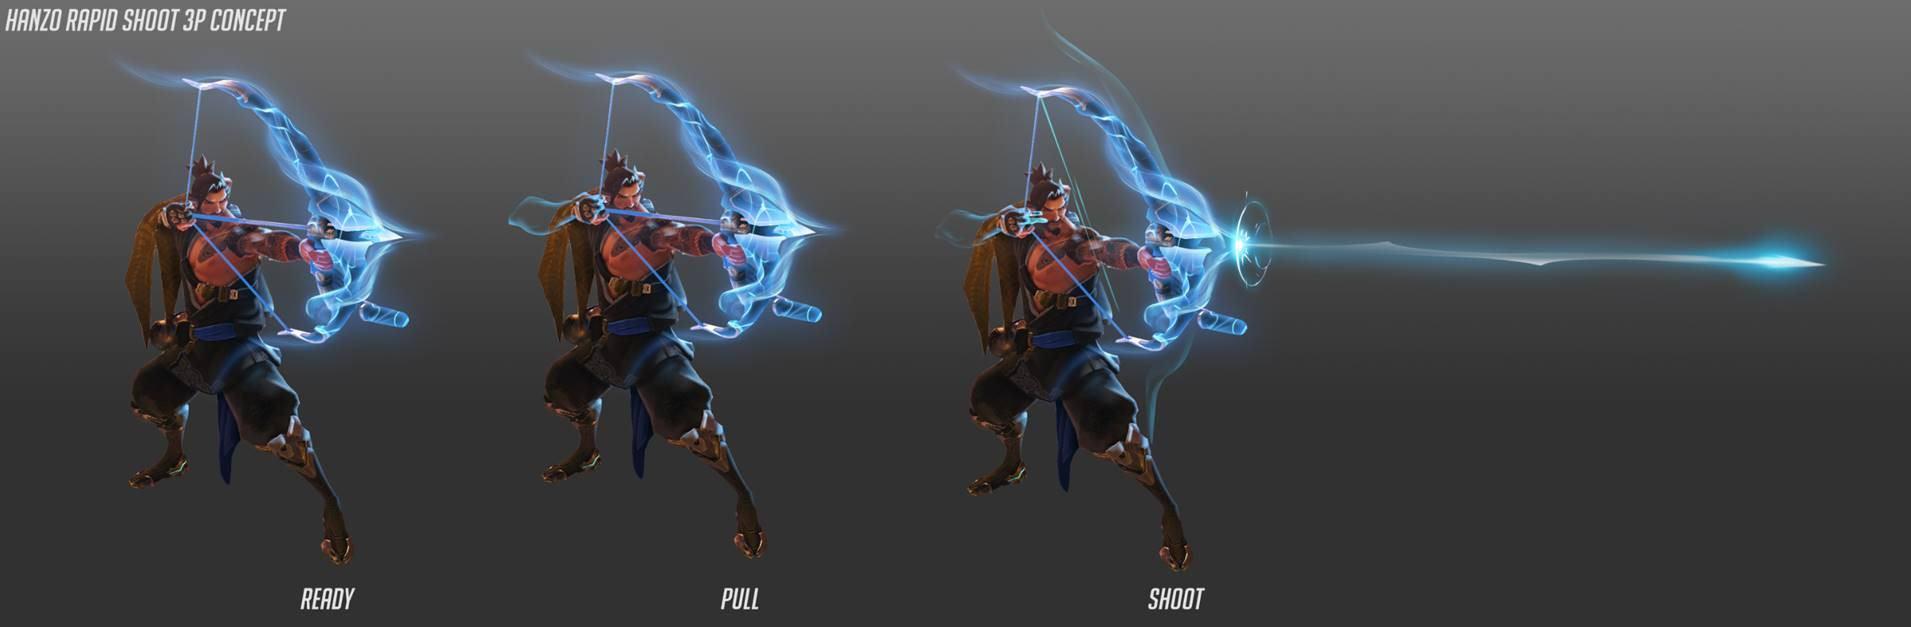 Overwatch: Джефф Каплан рассказал про планируемые изменения героев